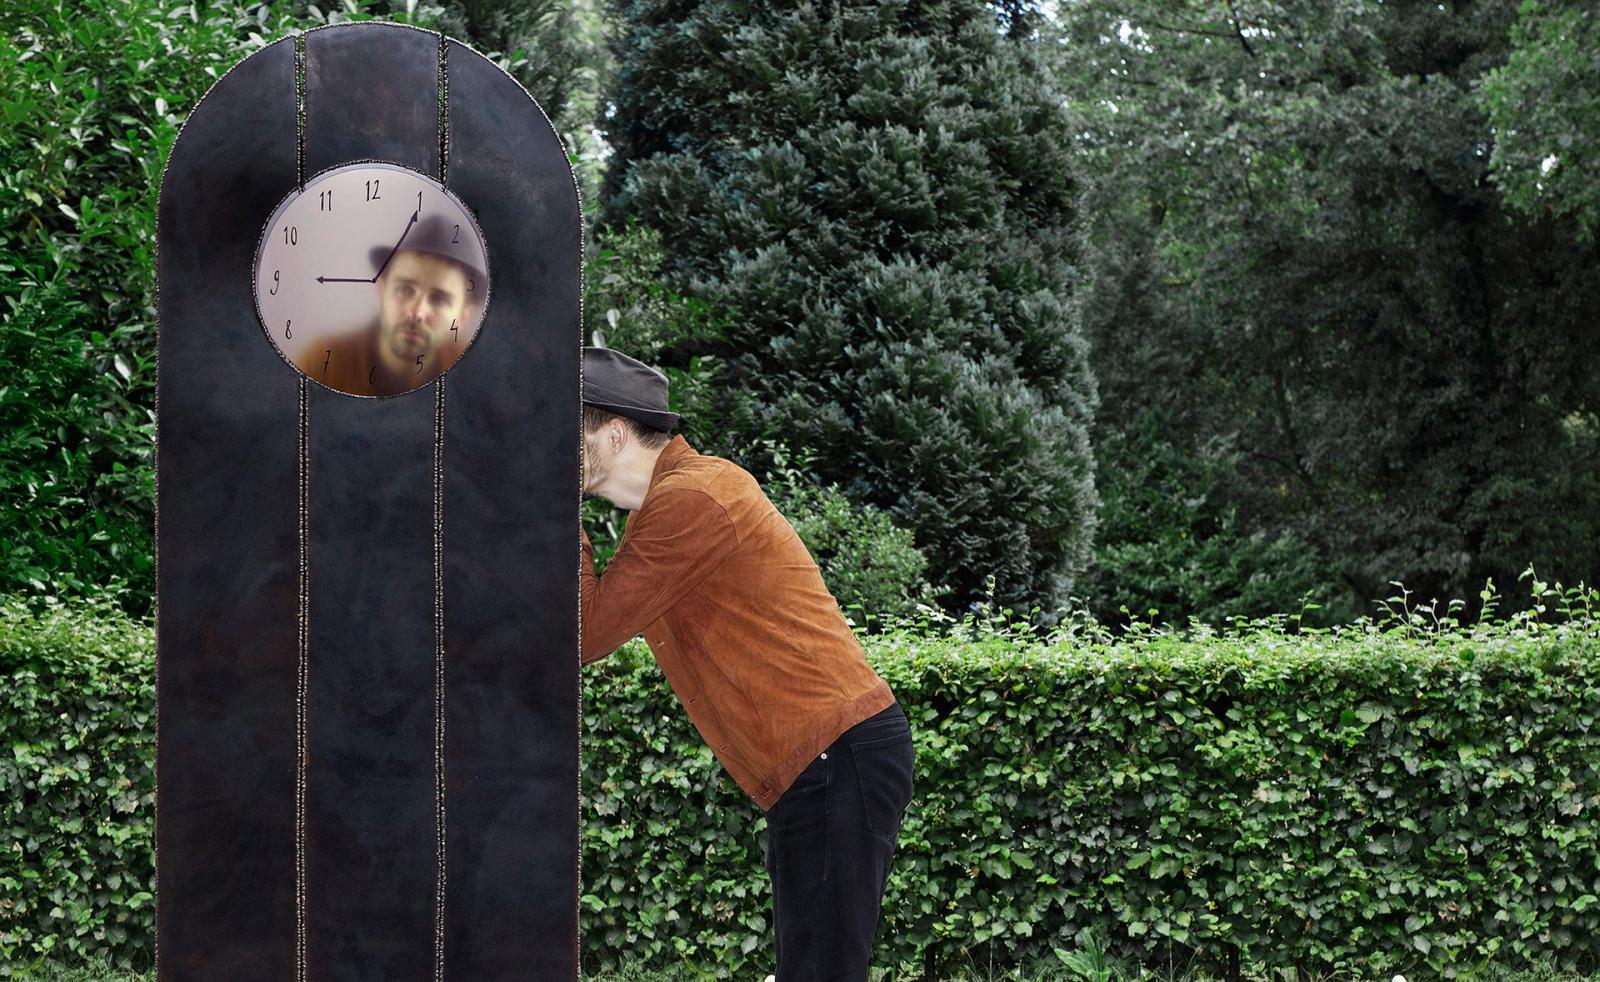 Персональная выставка Мартена Бааса: игра в прятки